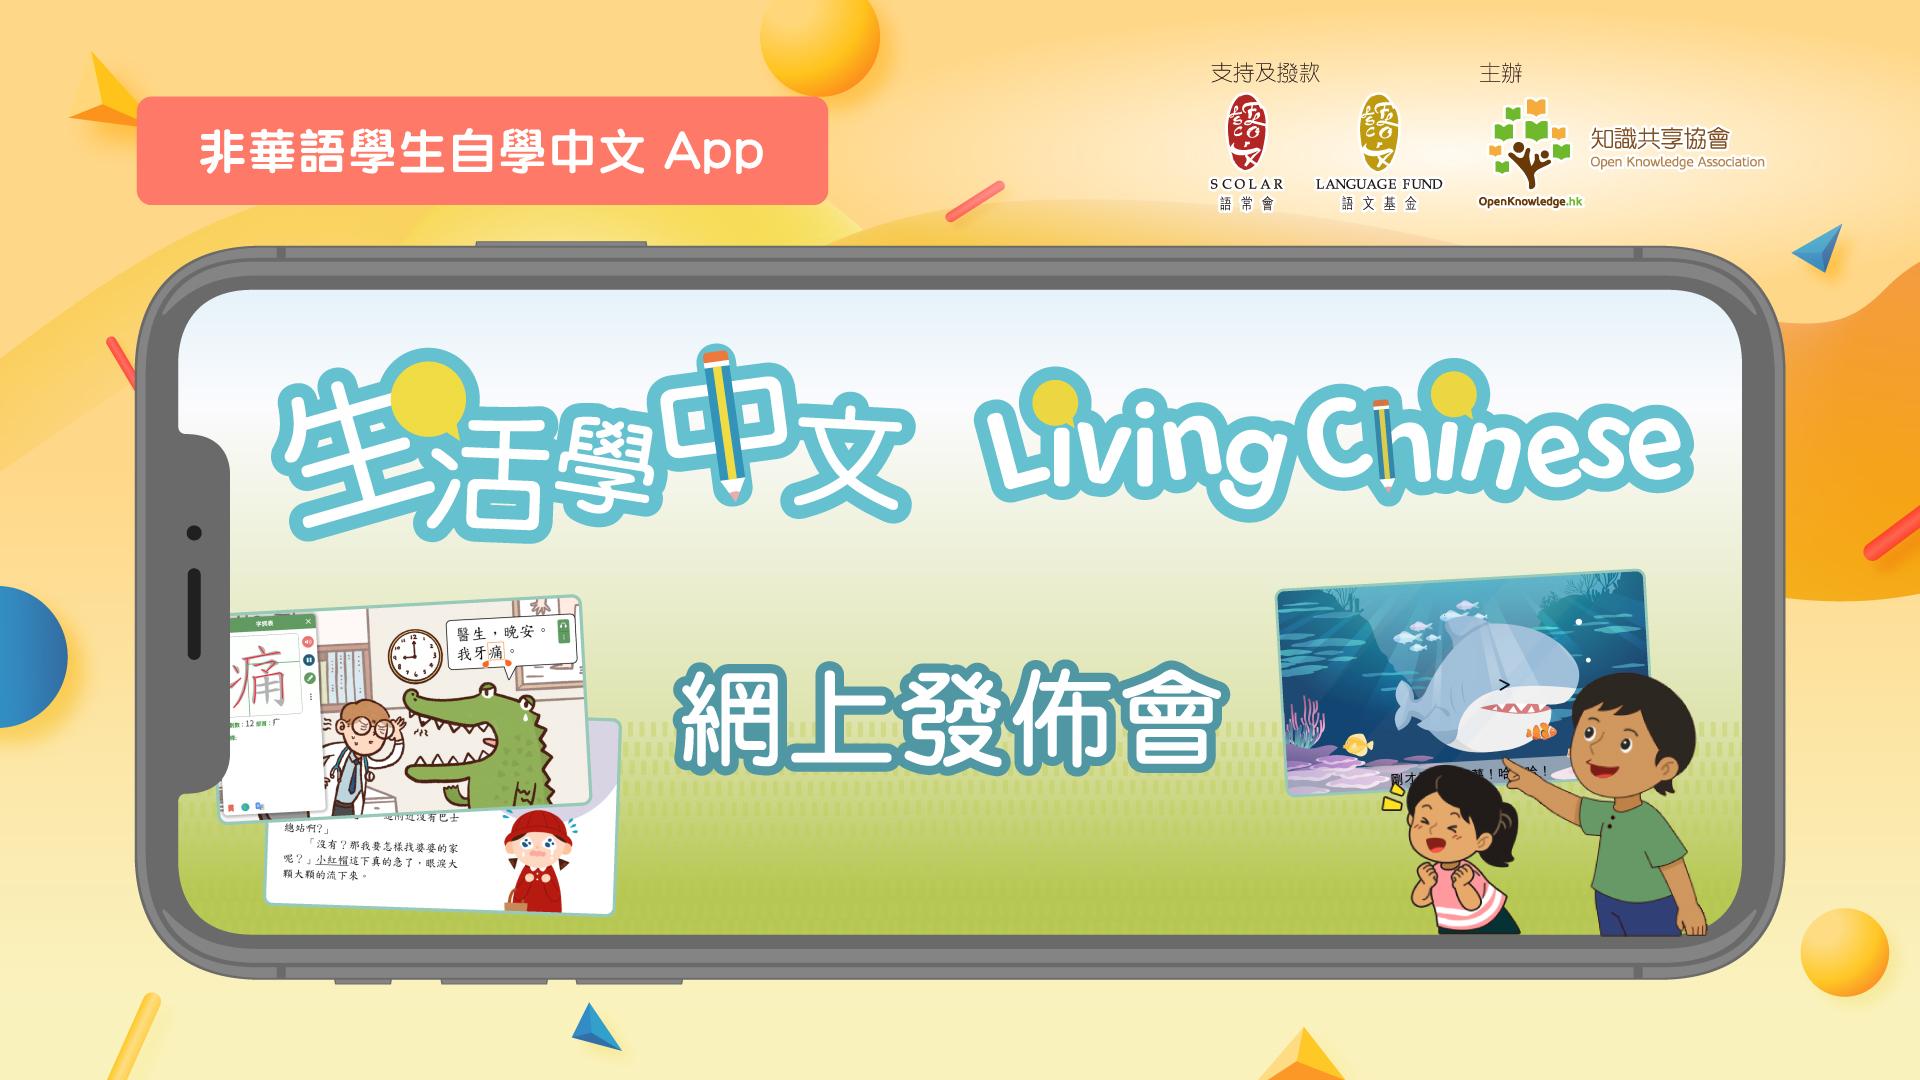 【網上發佈會回顧】非華語學生自學中文App「生活學中文 Living Chinese」網上發佈會